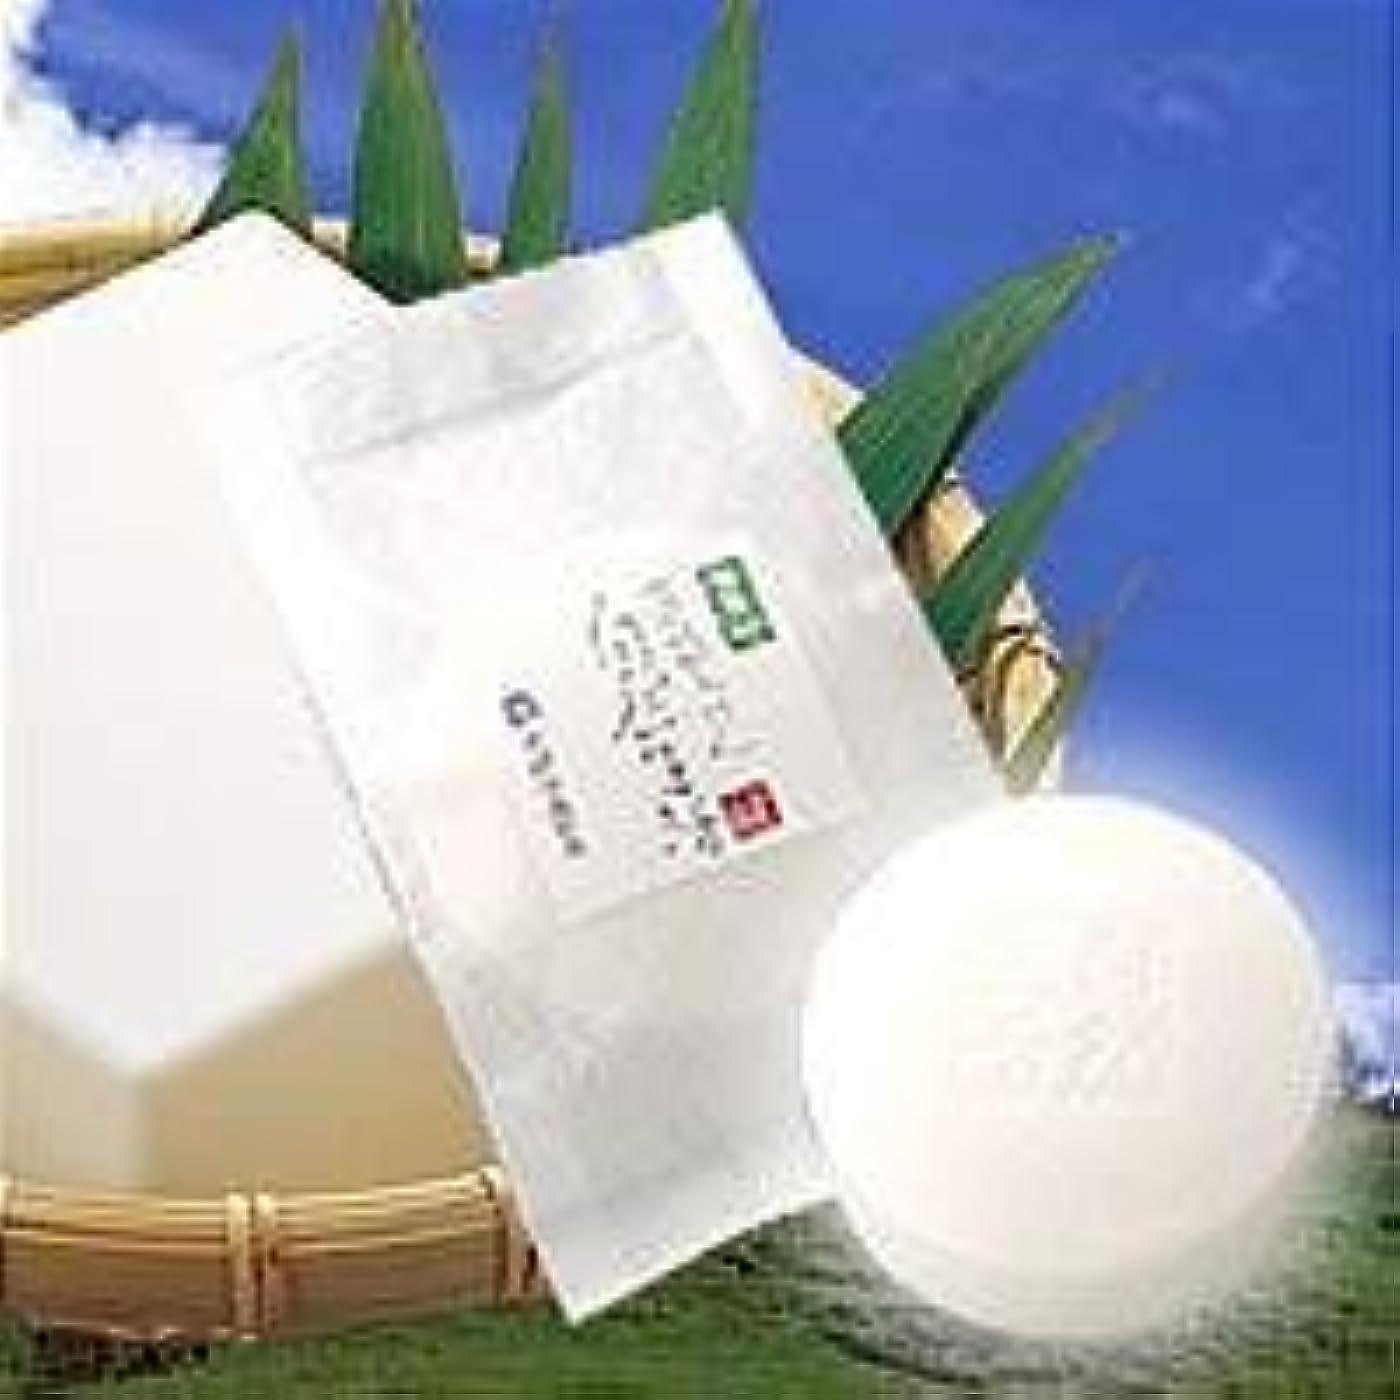 恩恵回復する接続詞豆腐の盛田屋 豆乳せっけん 自然生活